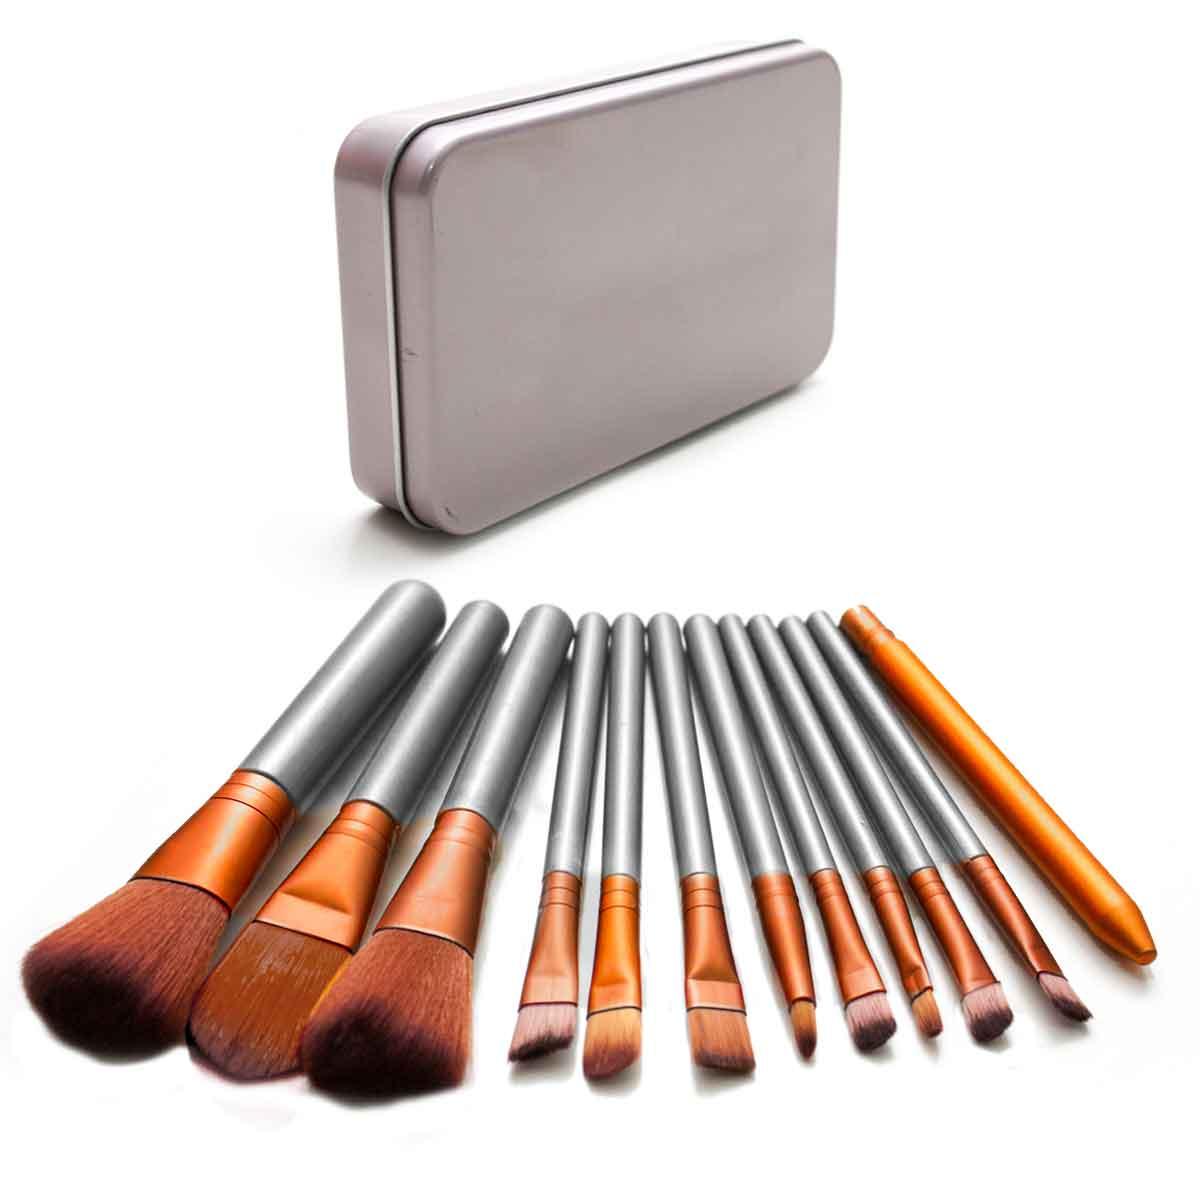 Kit 12 Pincéis Maquiagem C/ Estojo Power Blush